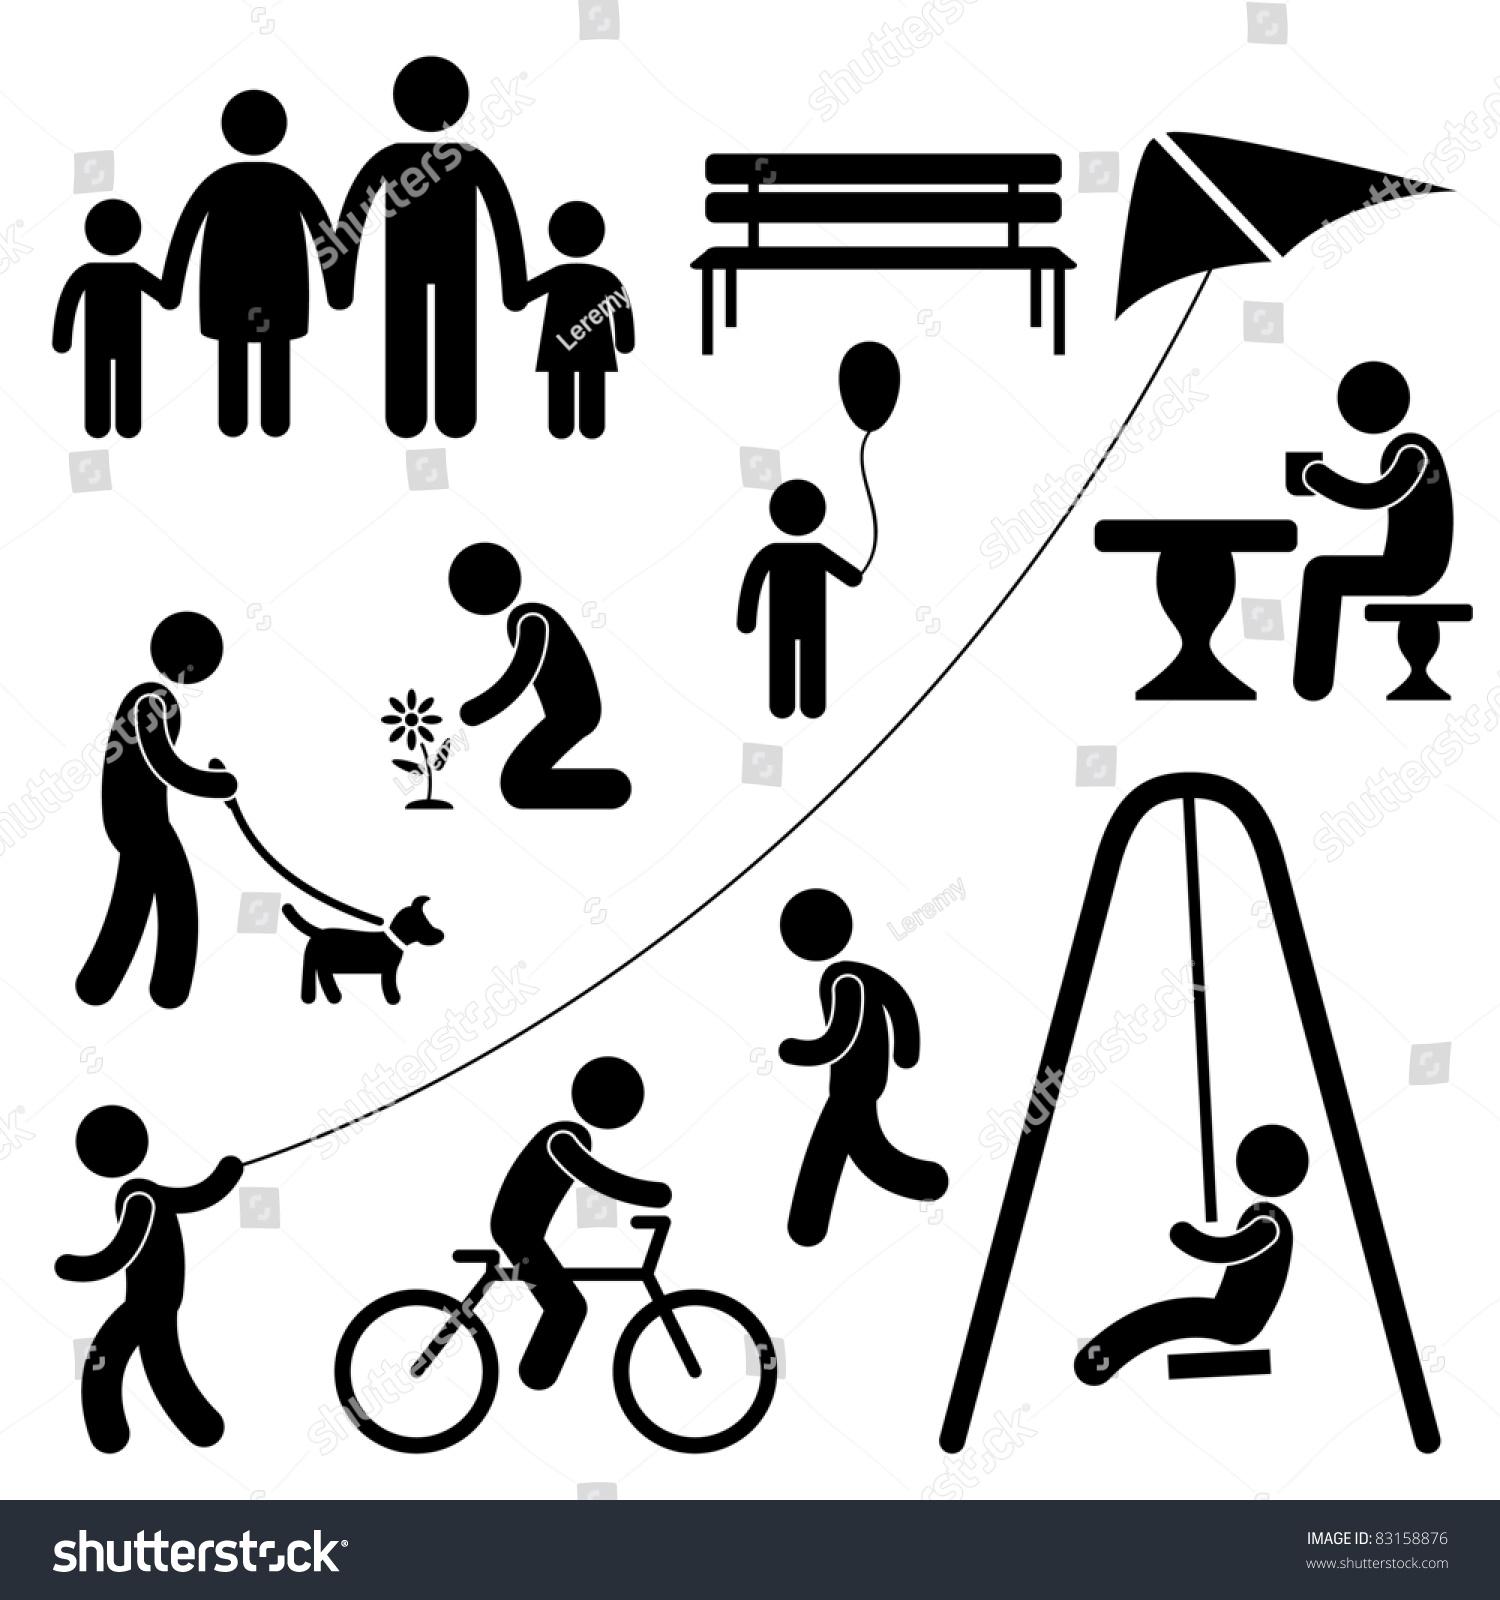 人家庭的孩子人花园公园活动标志符号象形图图标